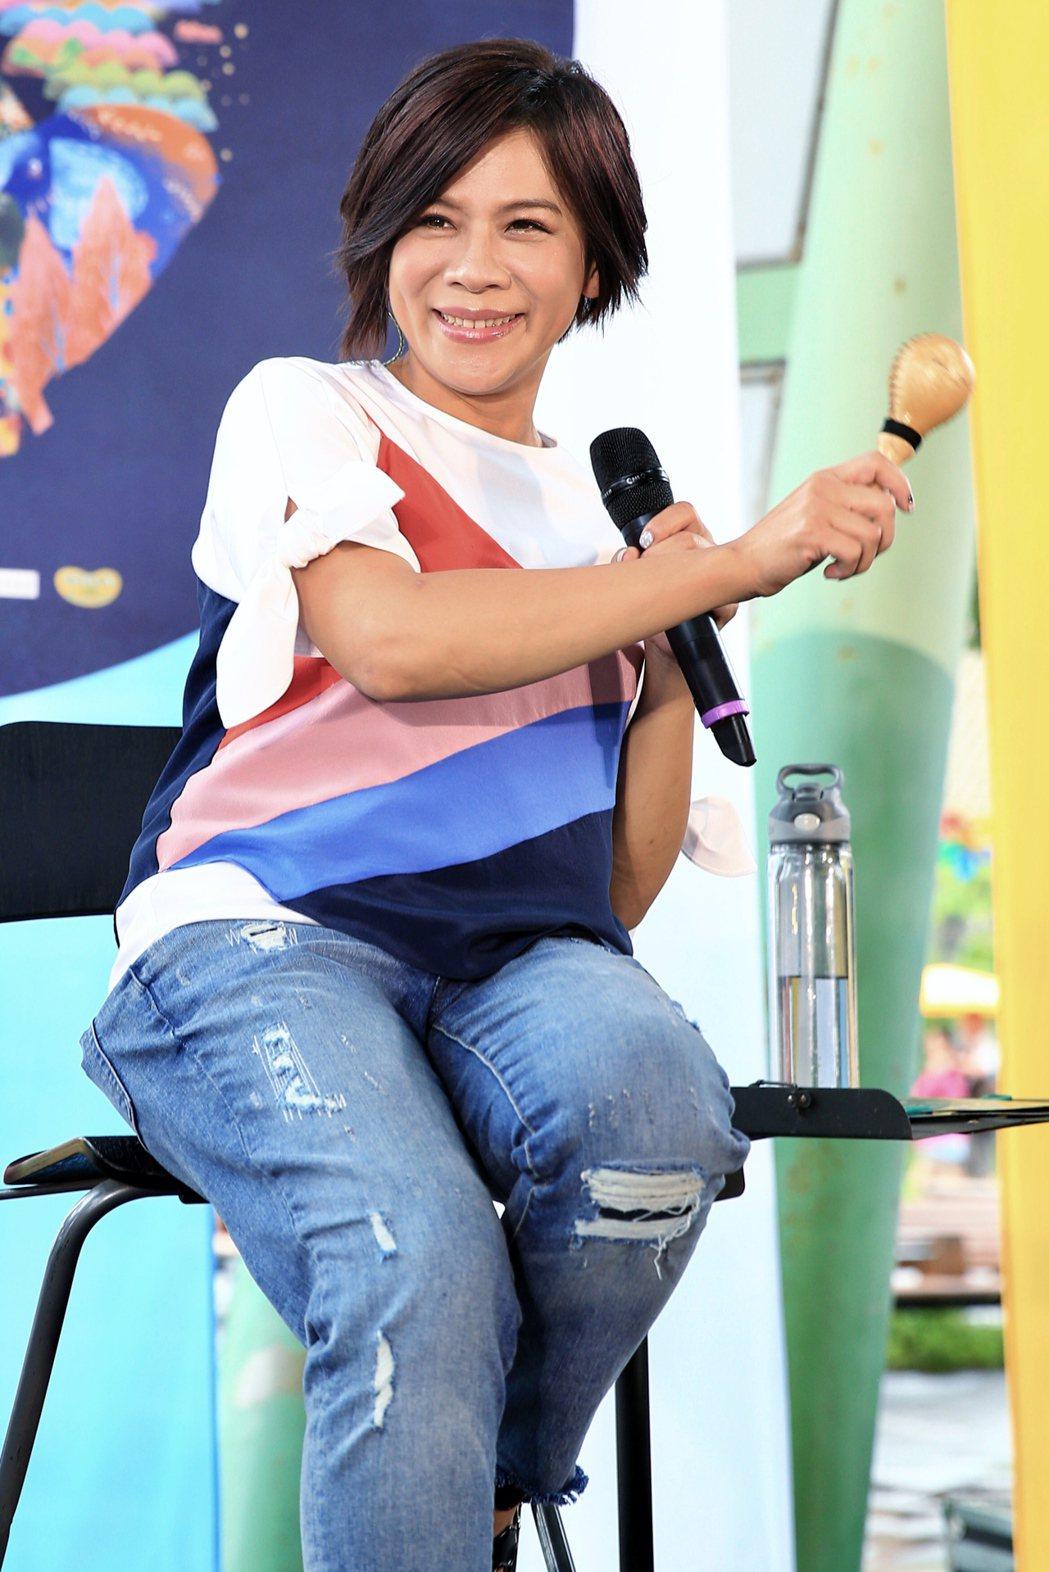 江美琪將於9/15發行全新專輯《親愛的世界》,下午在花博舉辦「彩色動物園」直播音...